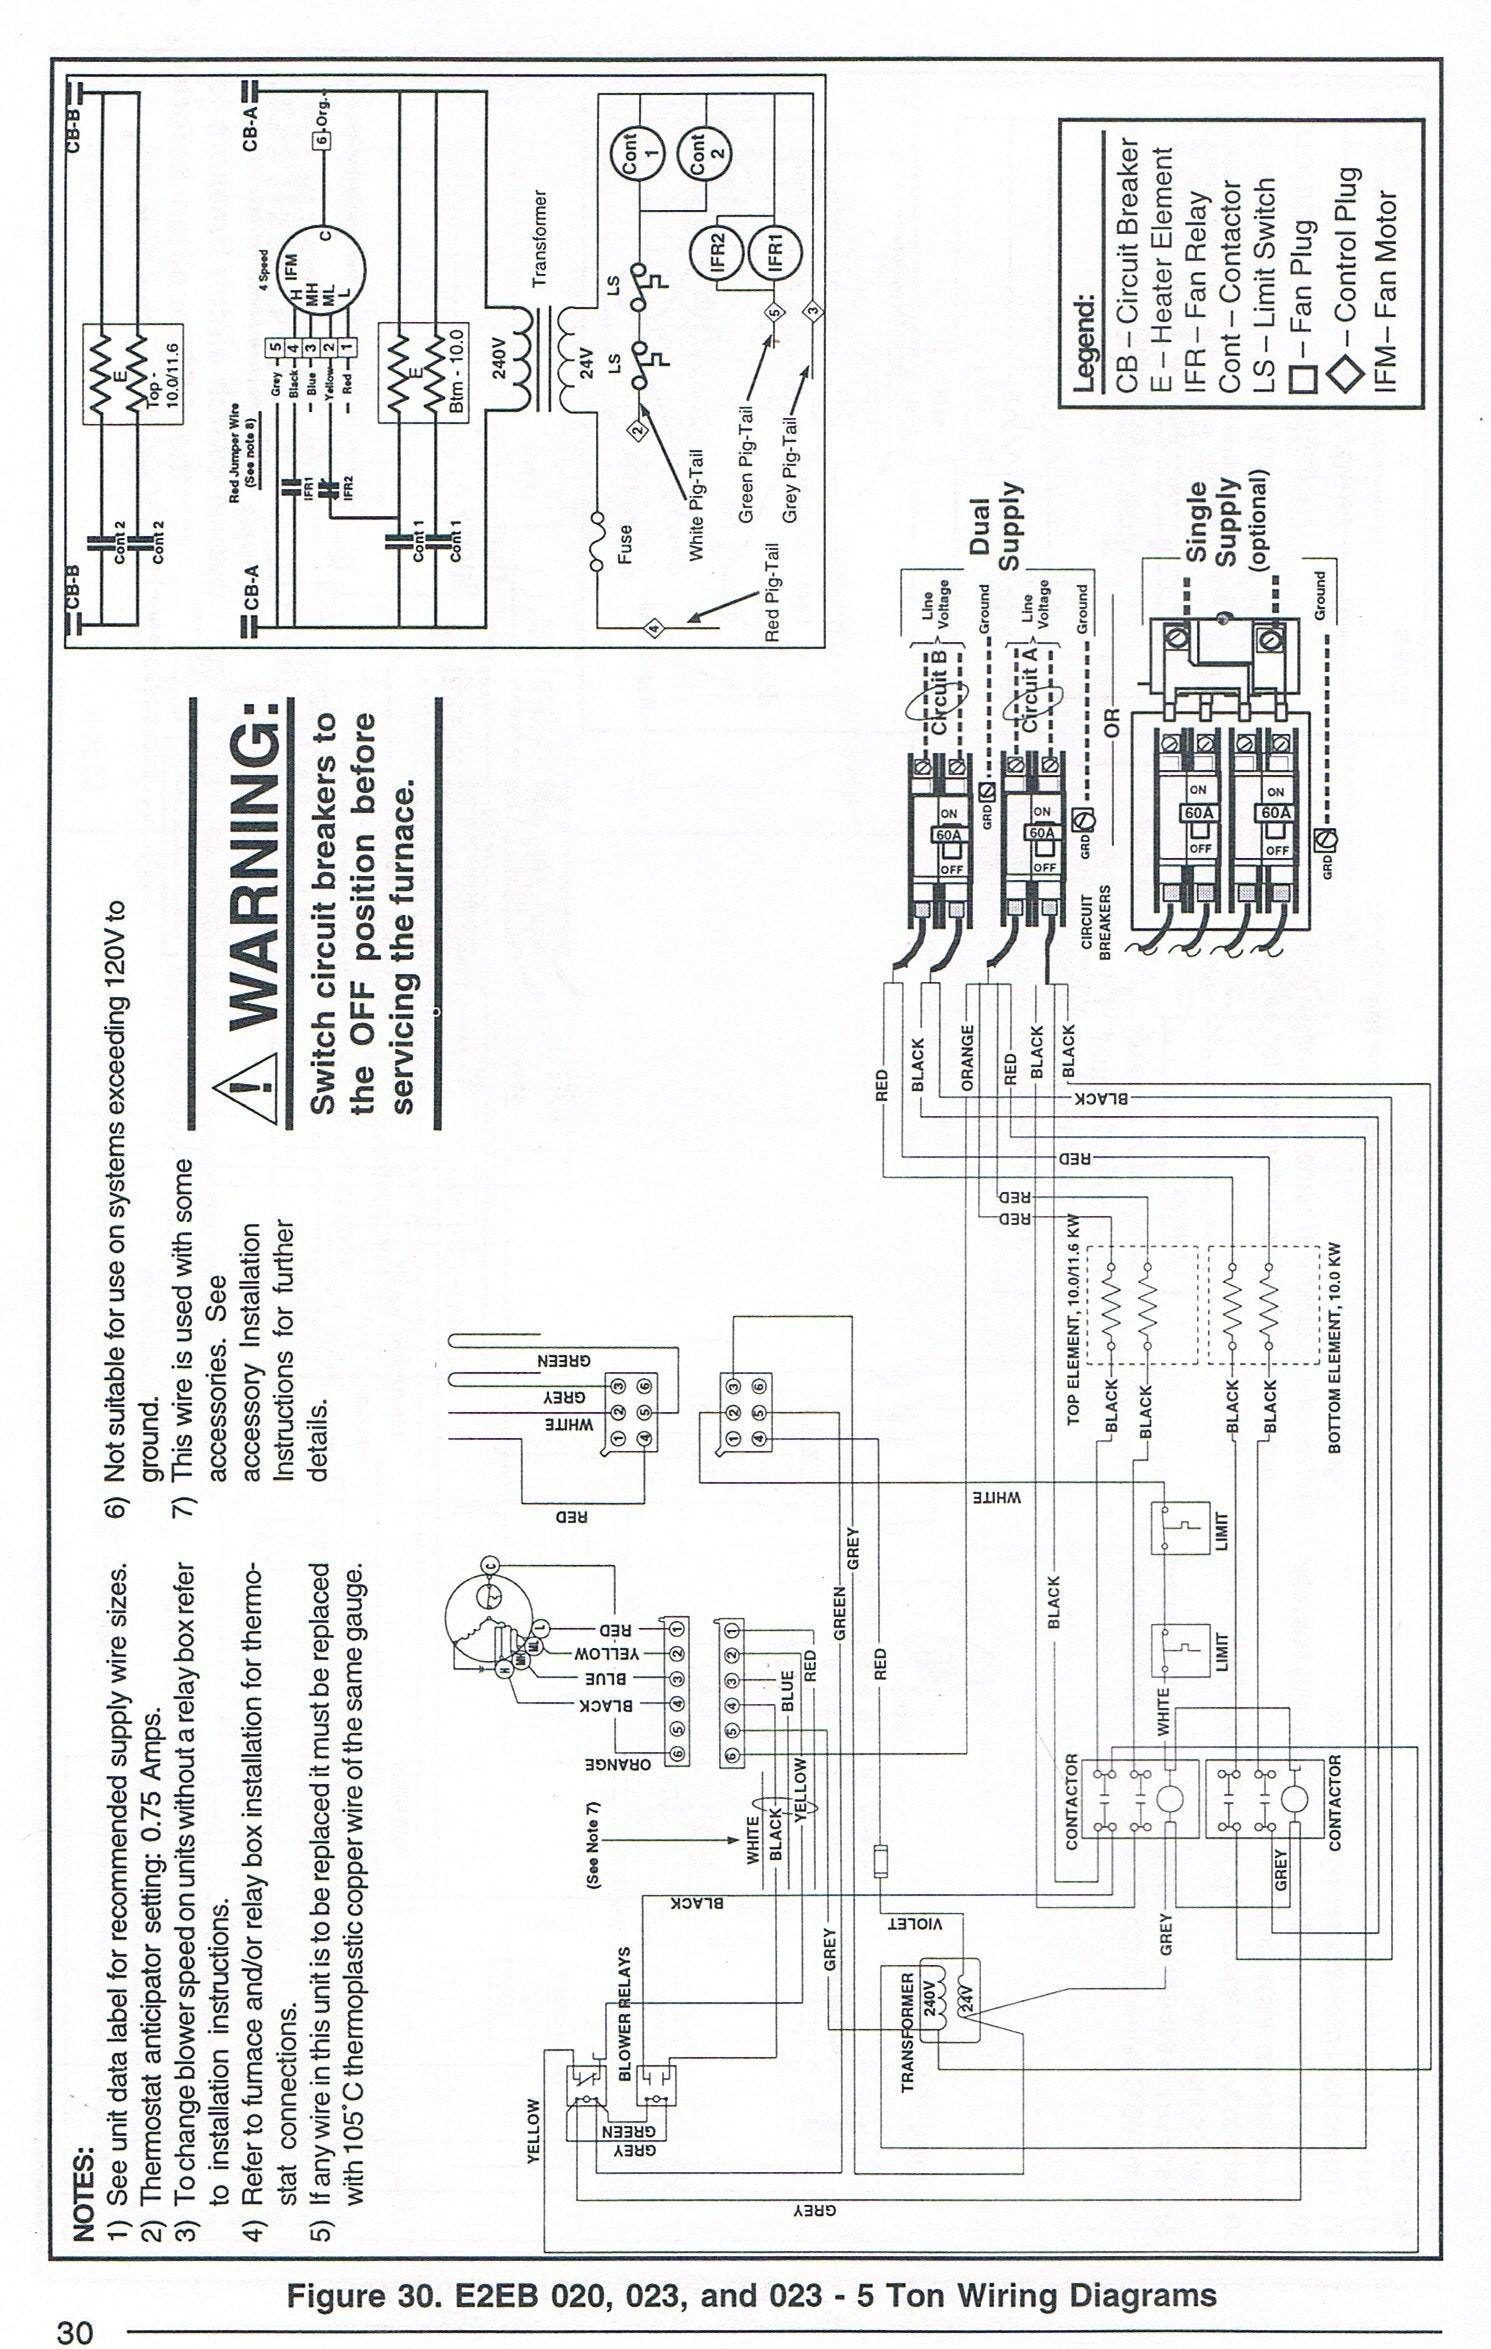 35 Nordyne Electric Furnace Wiring Diagram